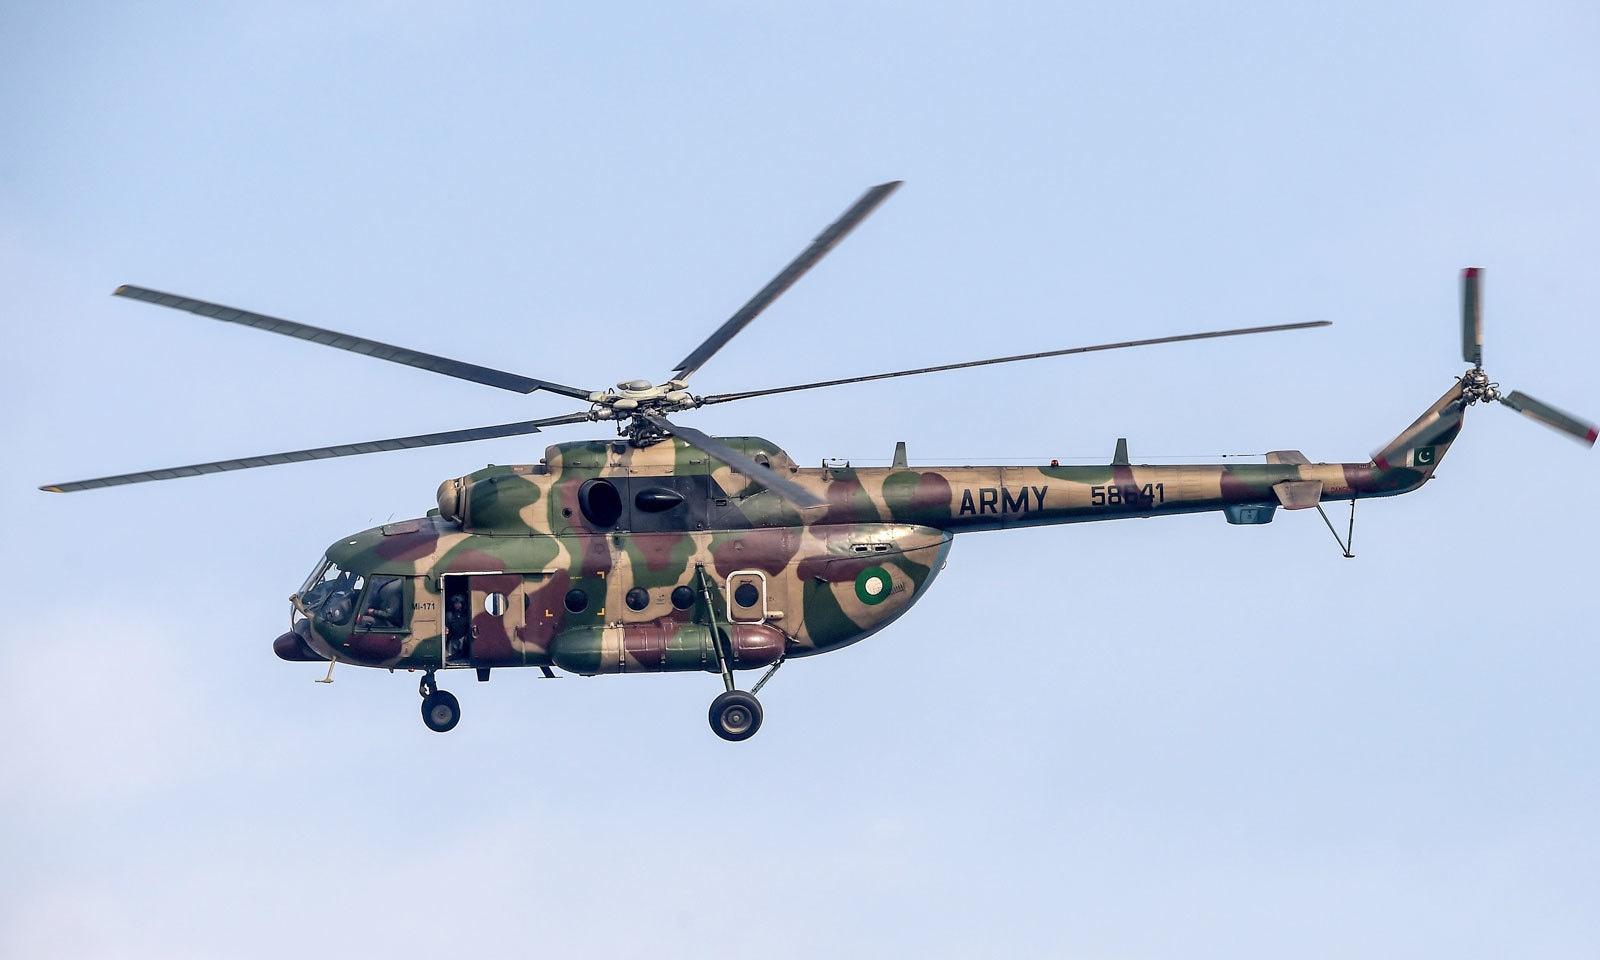 سری لنکن ٹیم کی پریکٹس کے دوران پاک فوج کا ہیلی کاپٹر گراونڈ کی نگرانی کرتا رہا— فوٹو: اے ایف پی